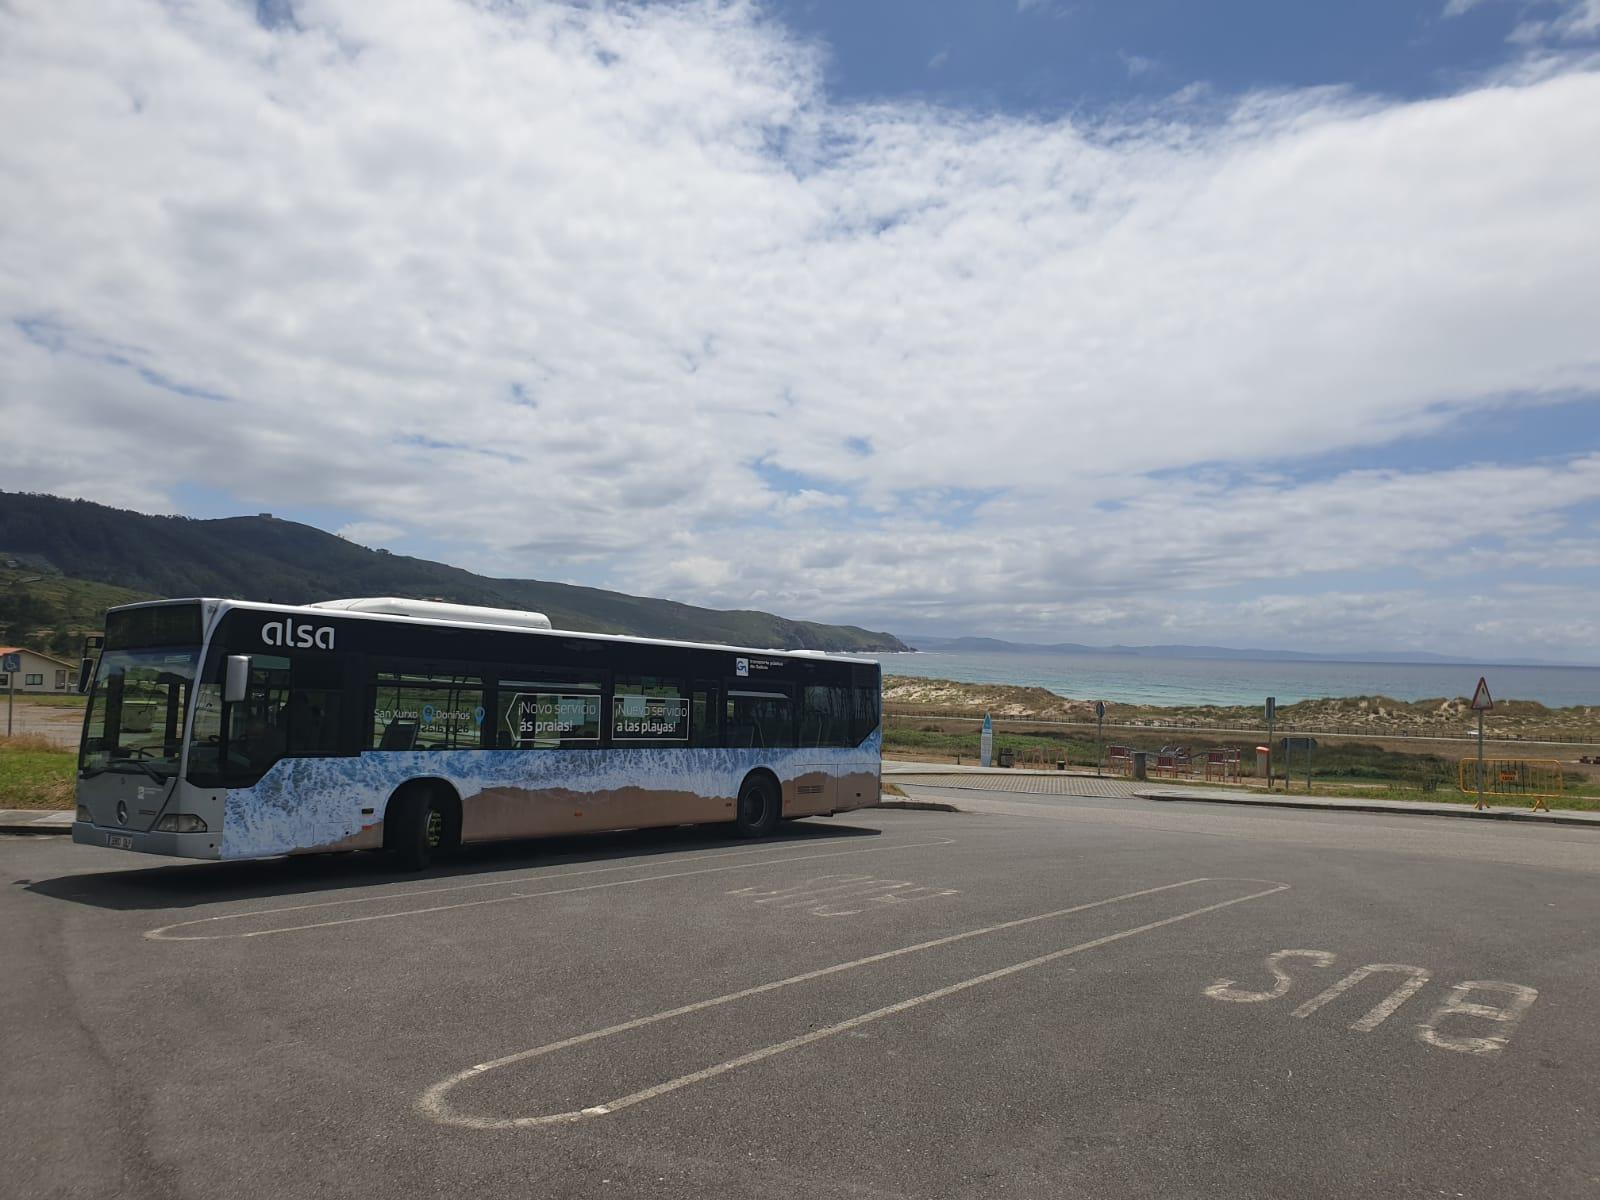 bus playas ferrol galicia servicio especial urbano alsa